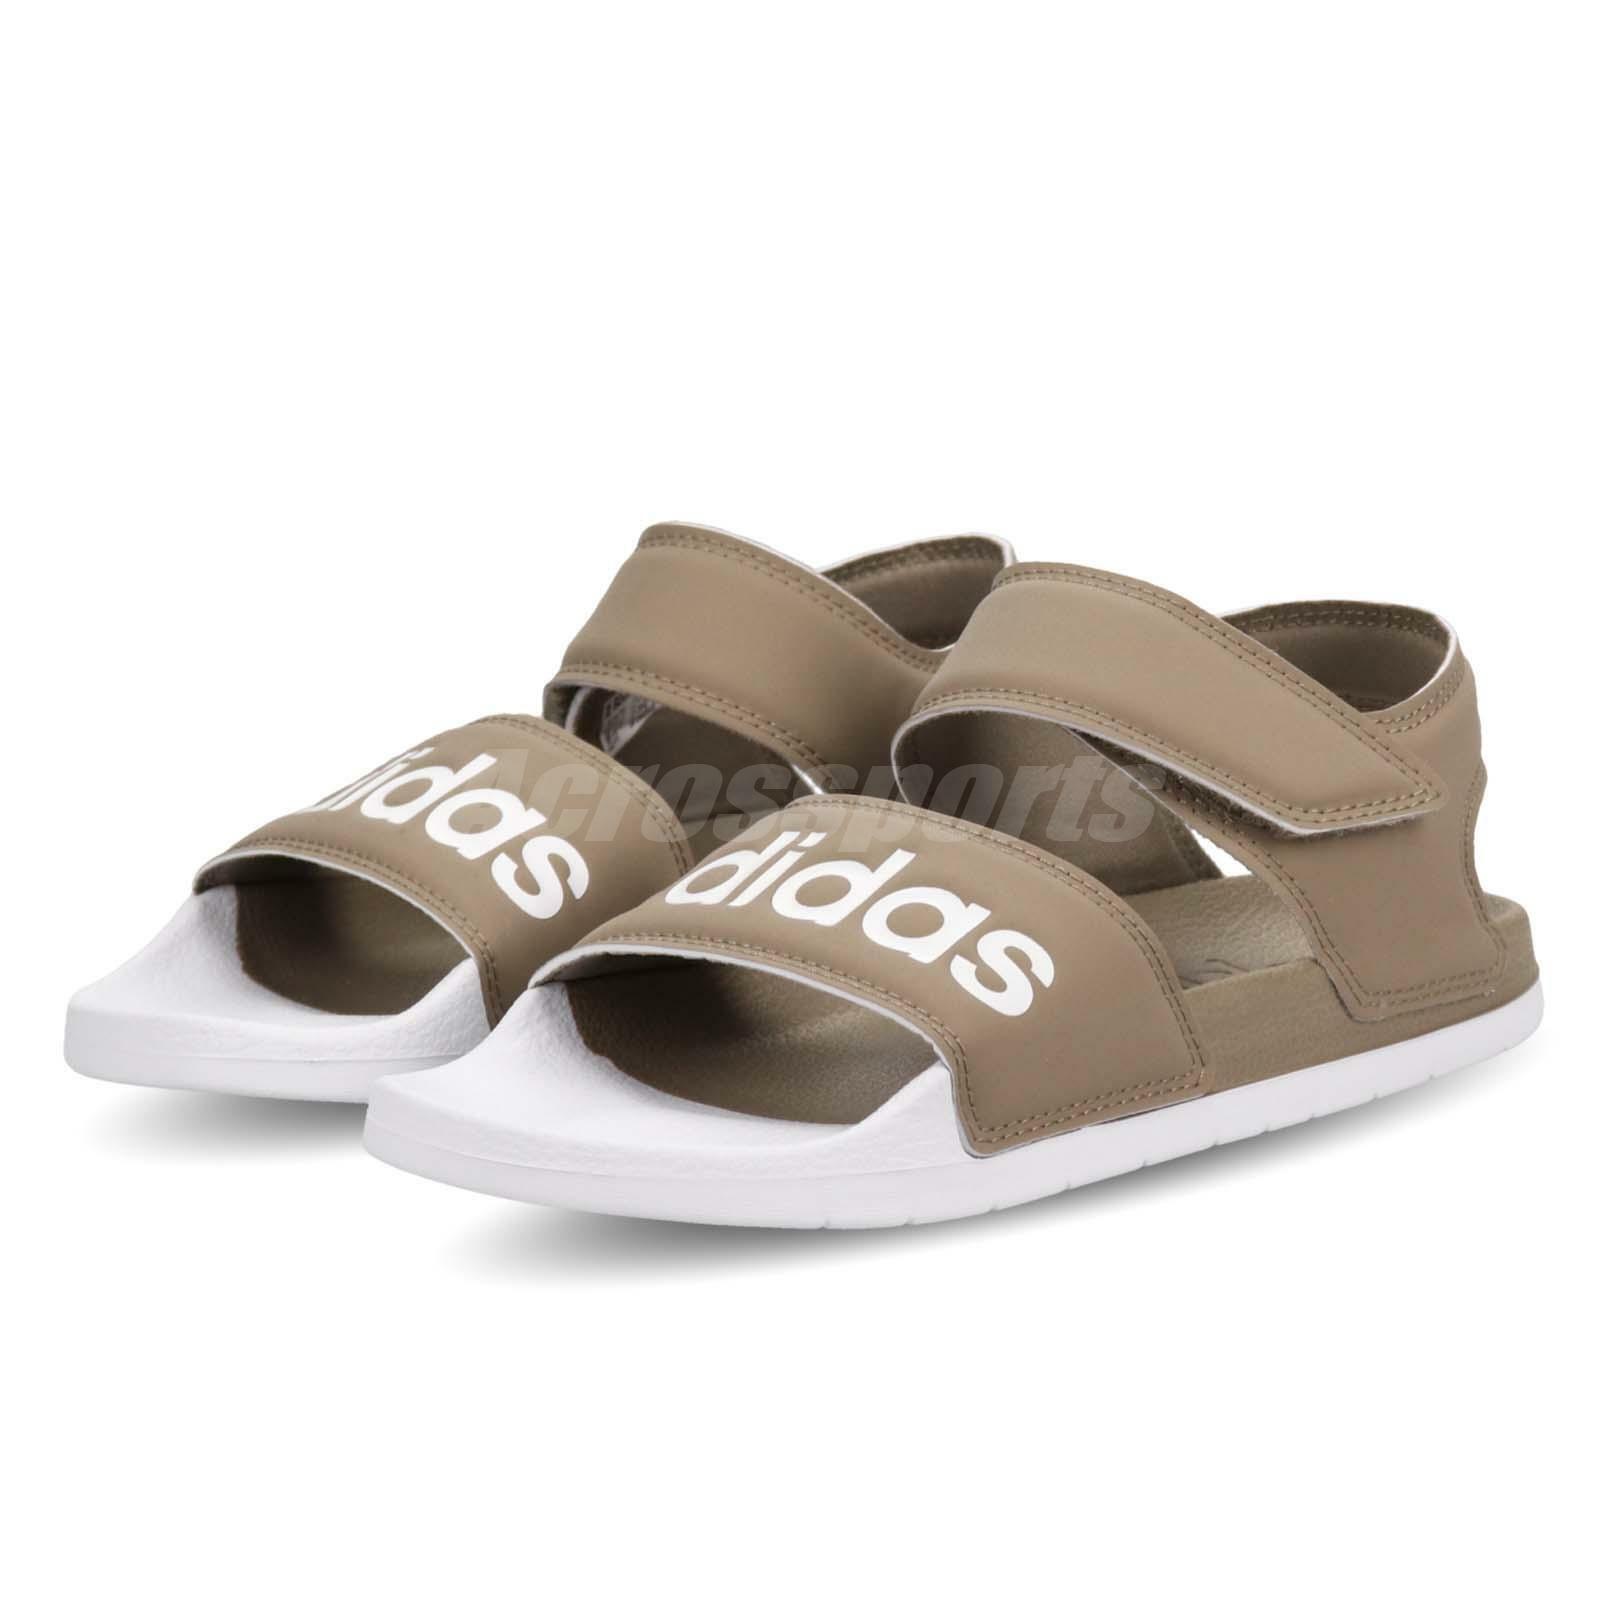 Adidas Adilette Sandal Cargo White Men Women Slip On Sports shoes F35414